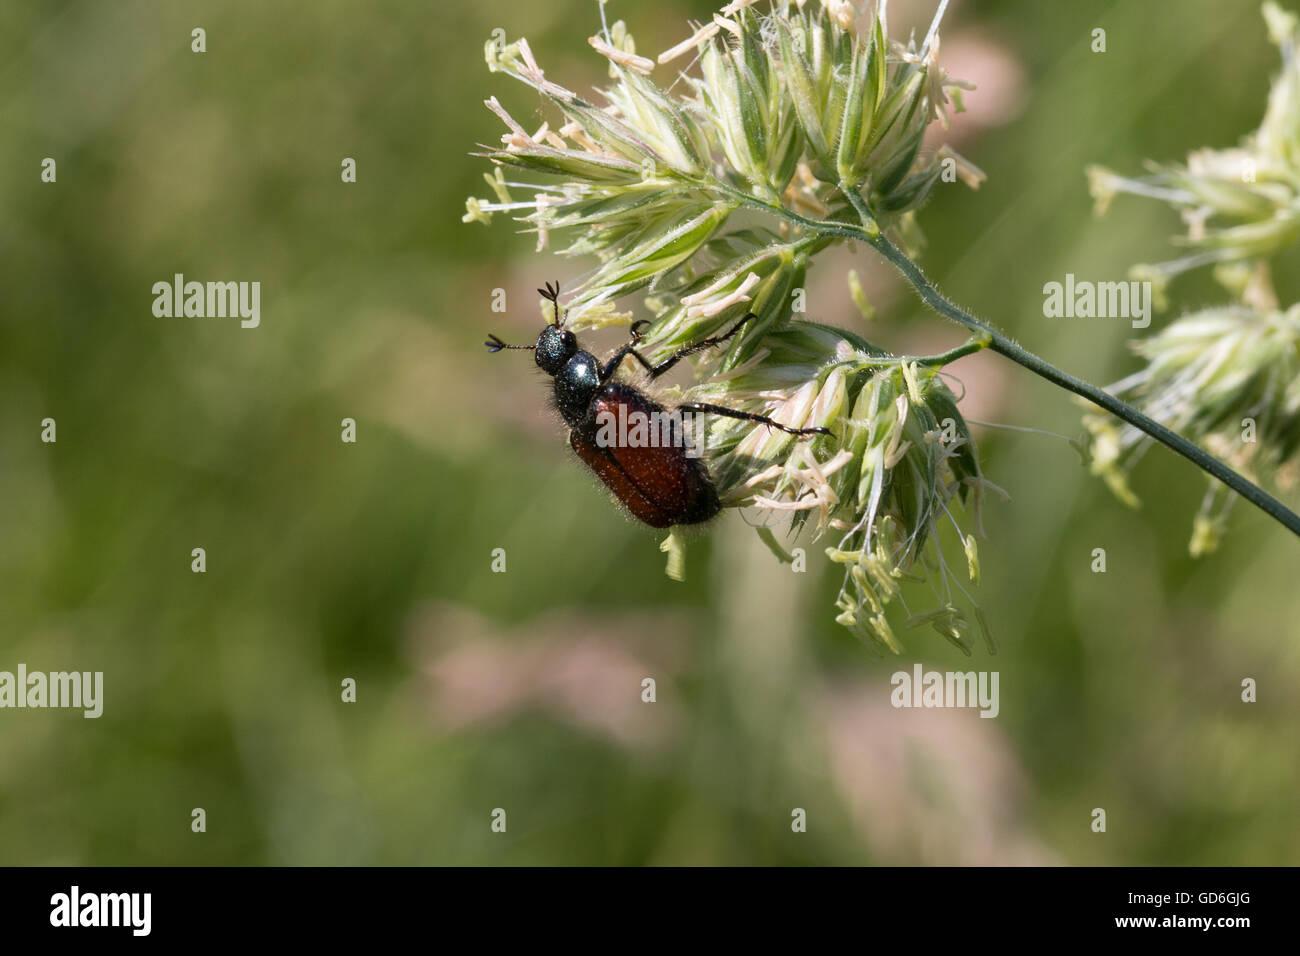 Gartenlaubkäfer an einer Pflanze  Garden chafer on a plant - Stock Image